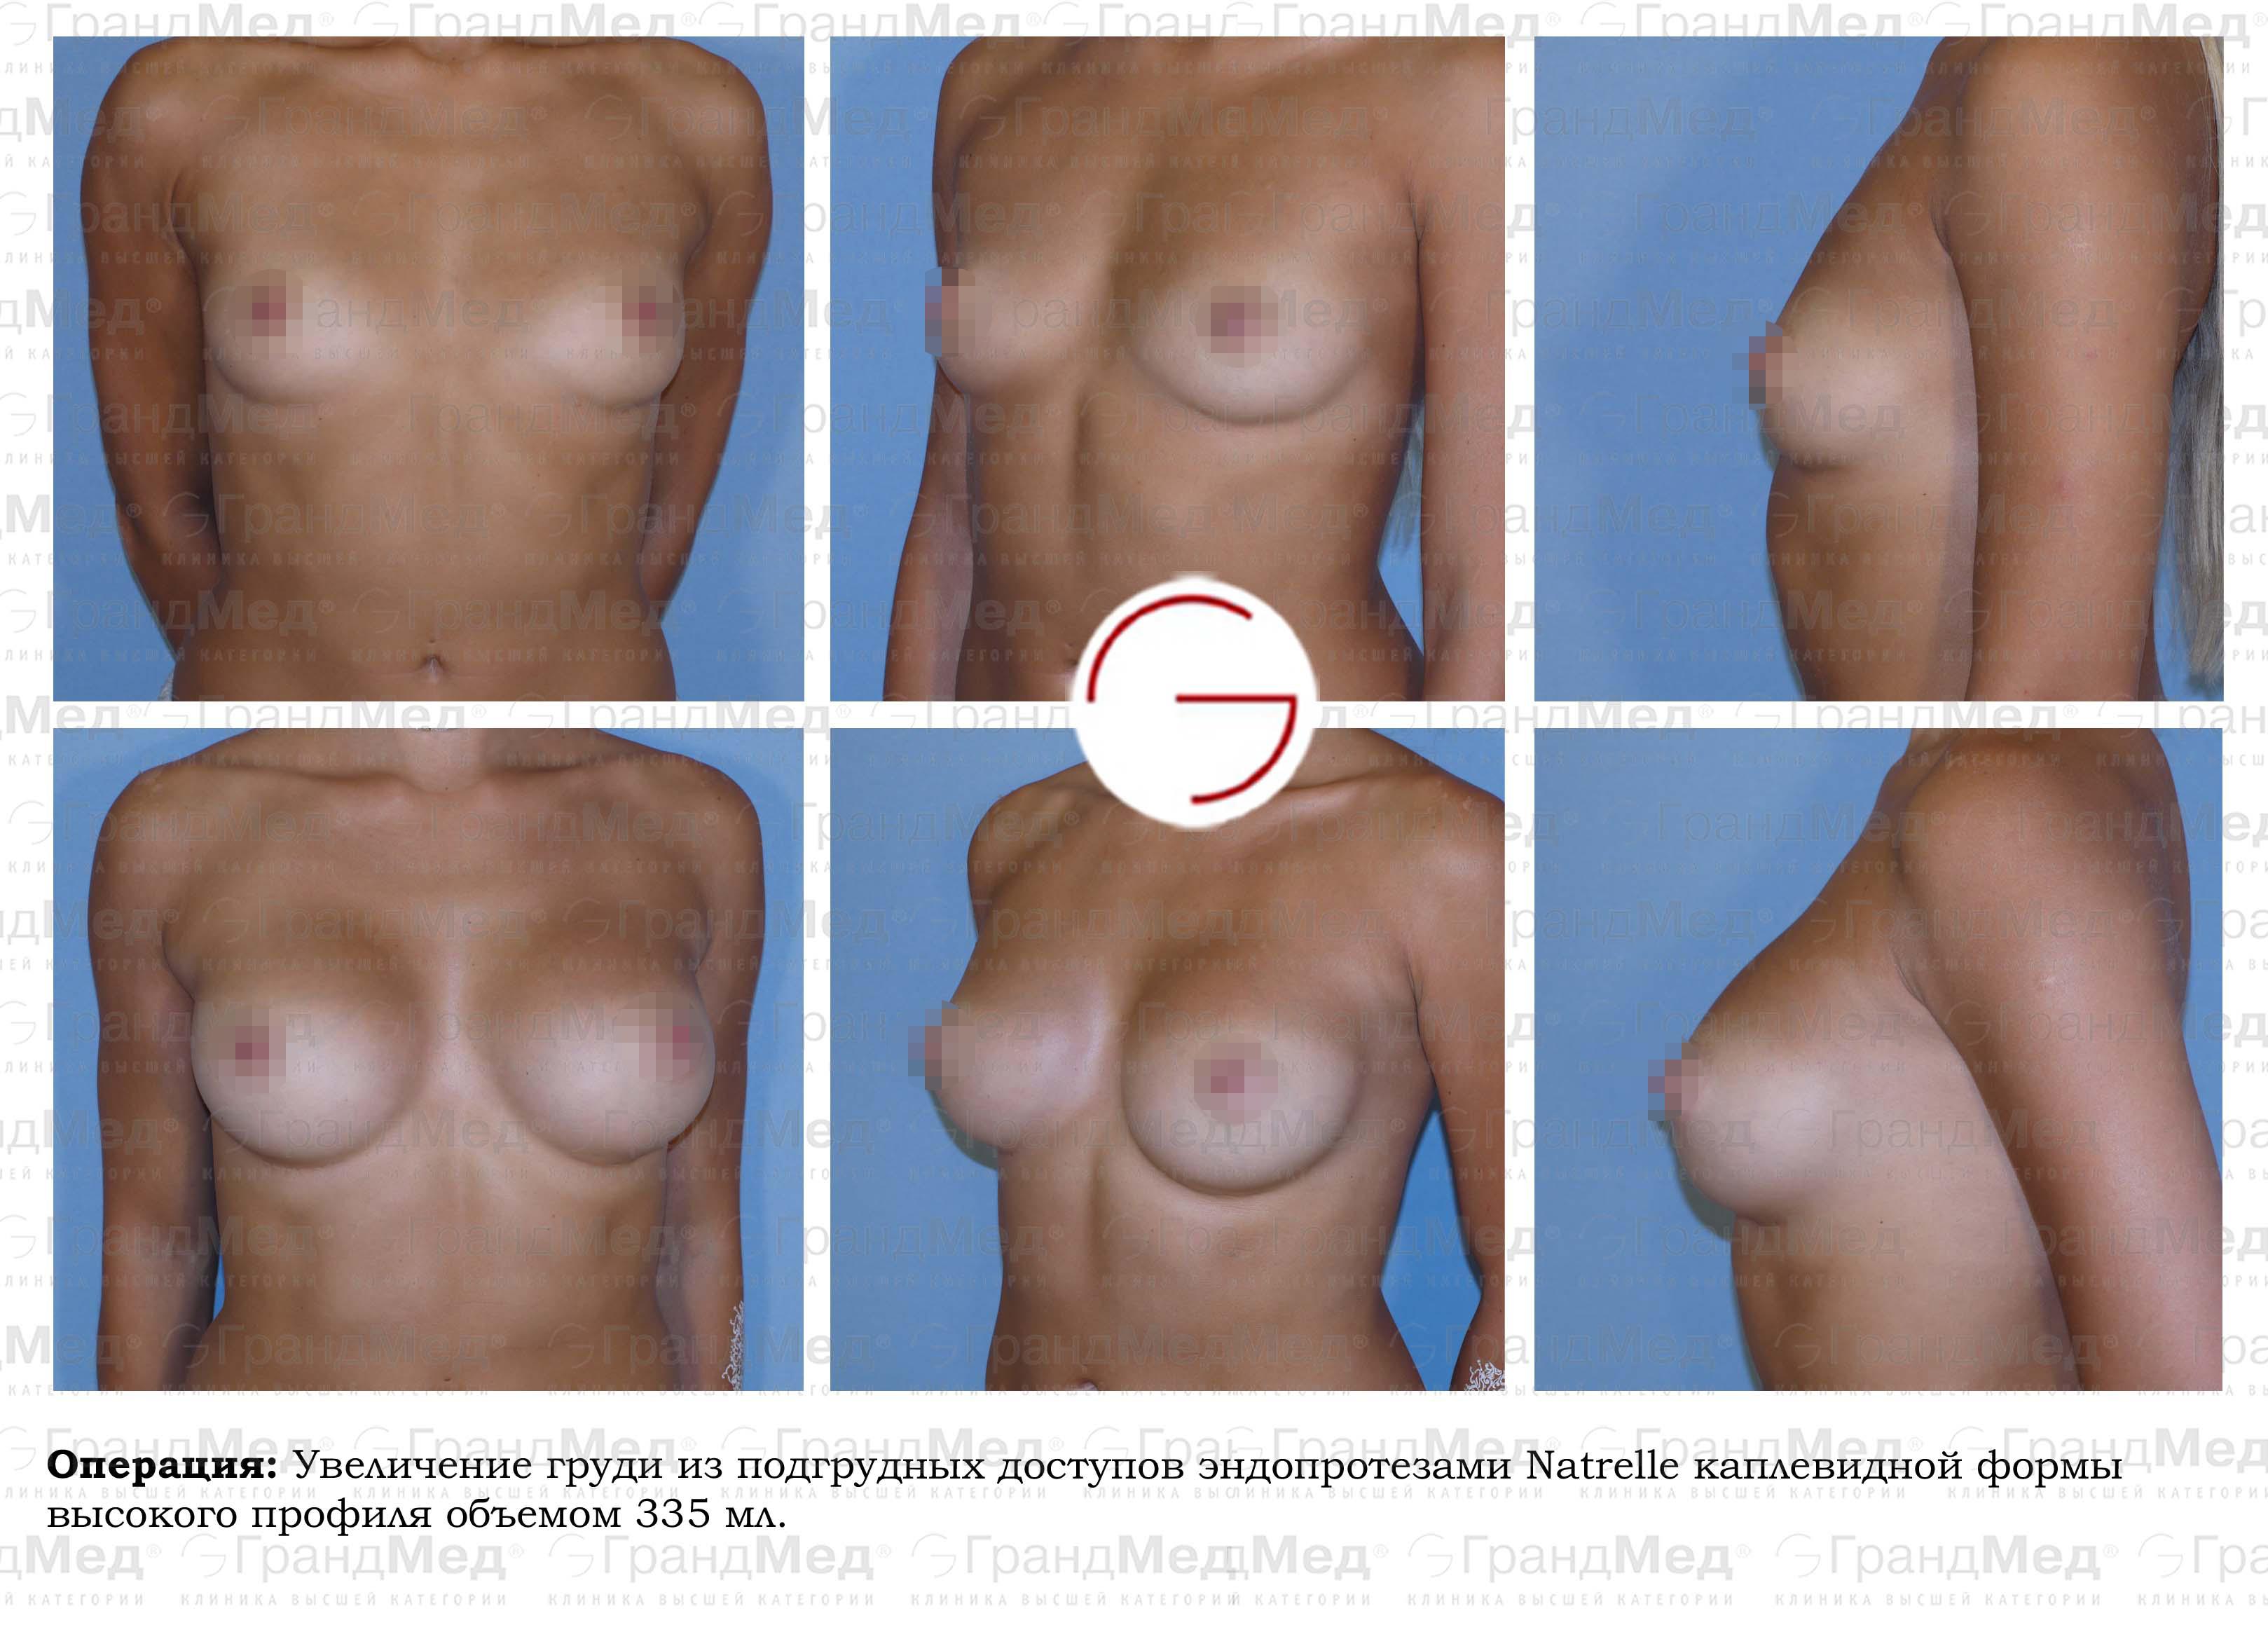 Дюфастон для увеличения груди отзывы